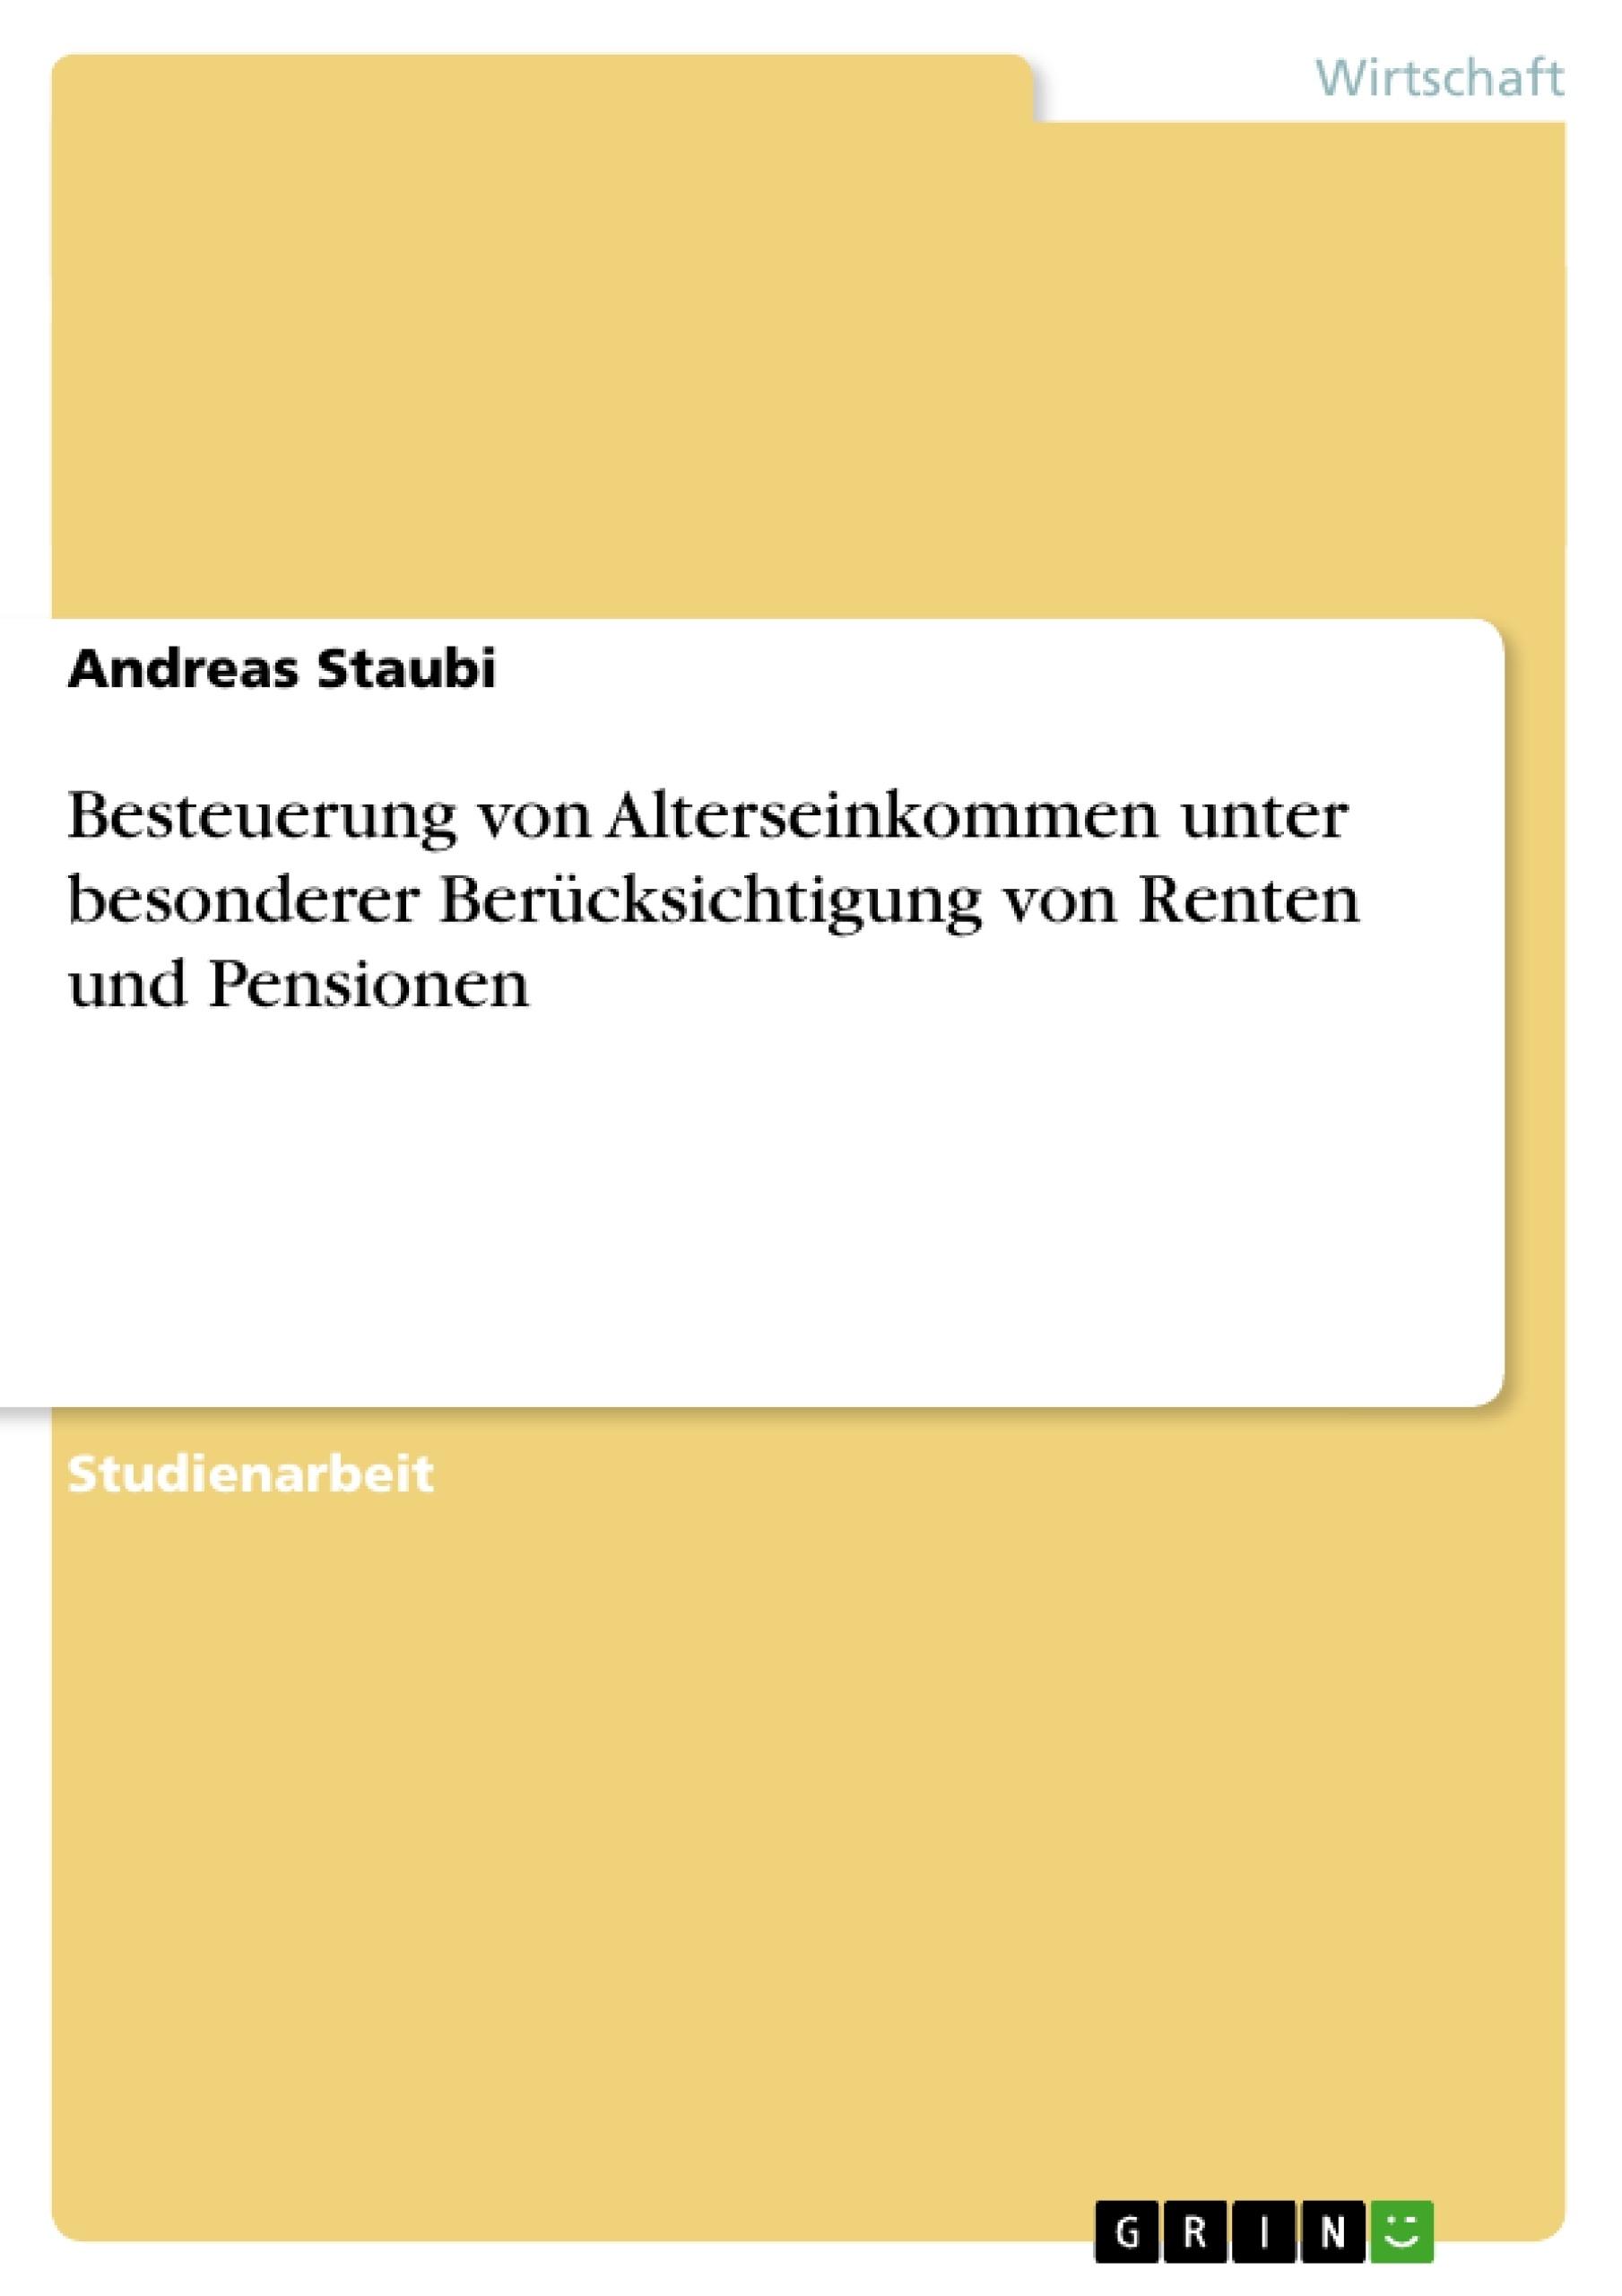 Titel: Besteuerung von Alterseinkommen unter besonderer Berücksichtigung von Renten und Pensionen